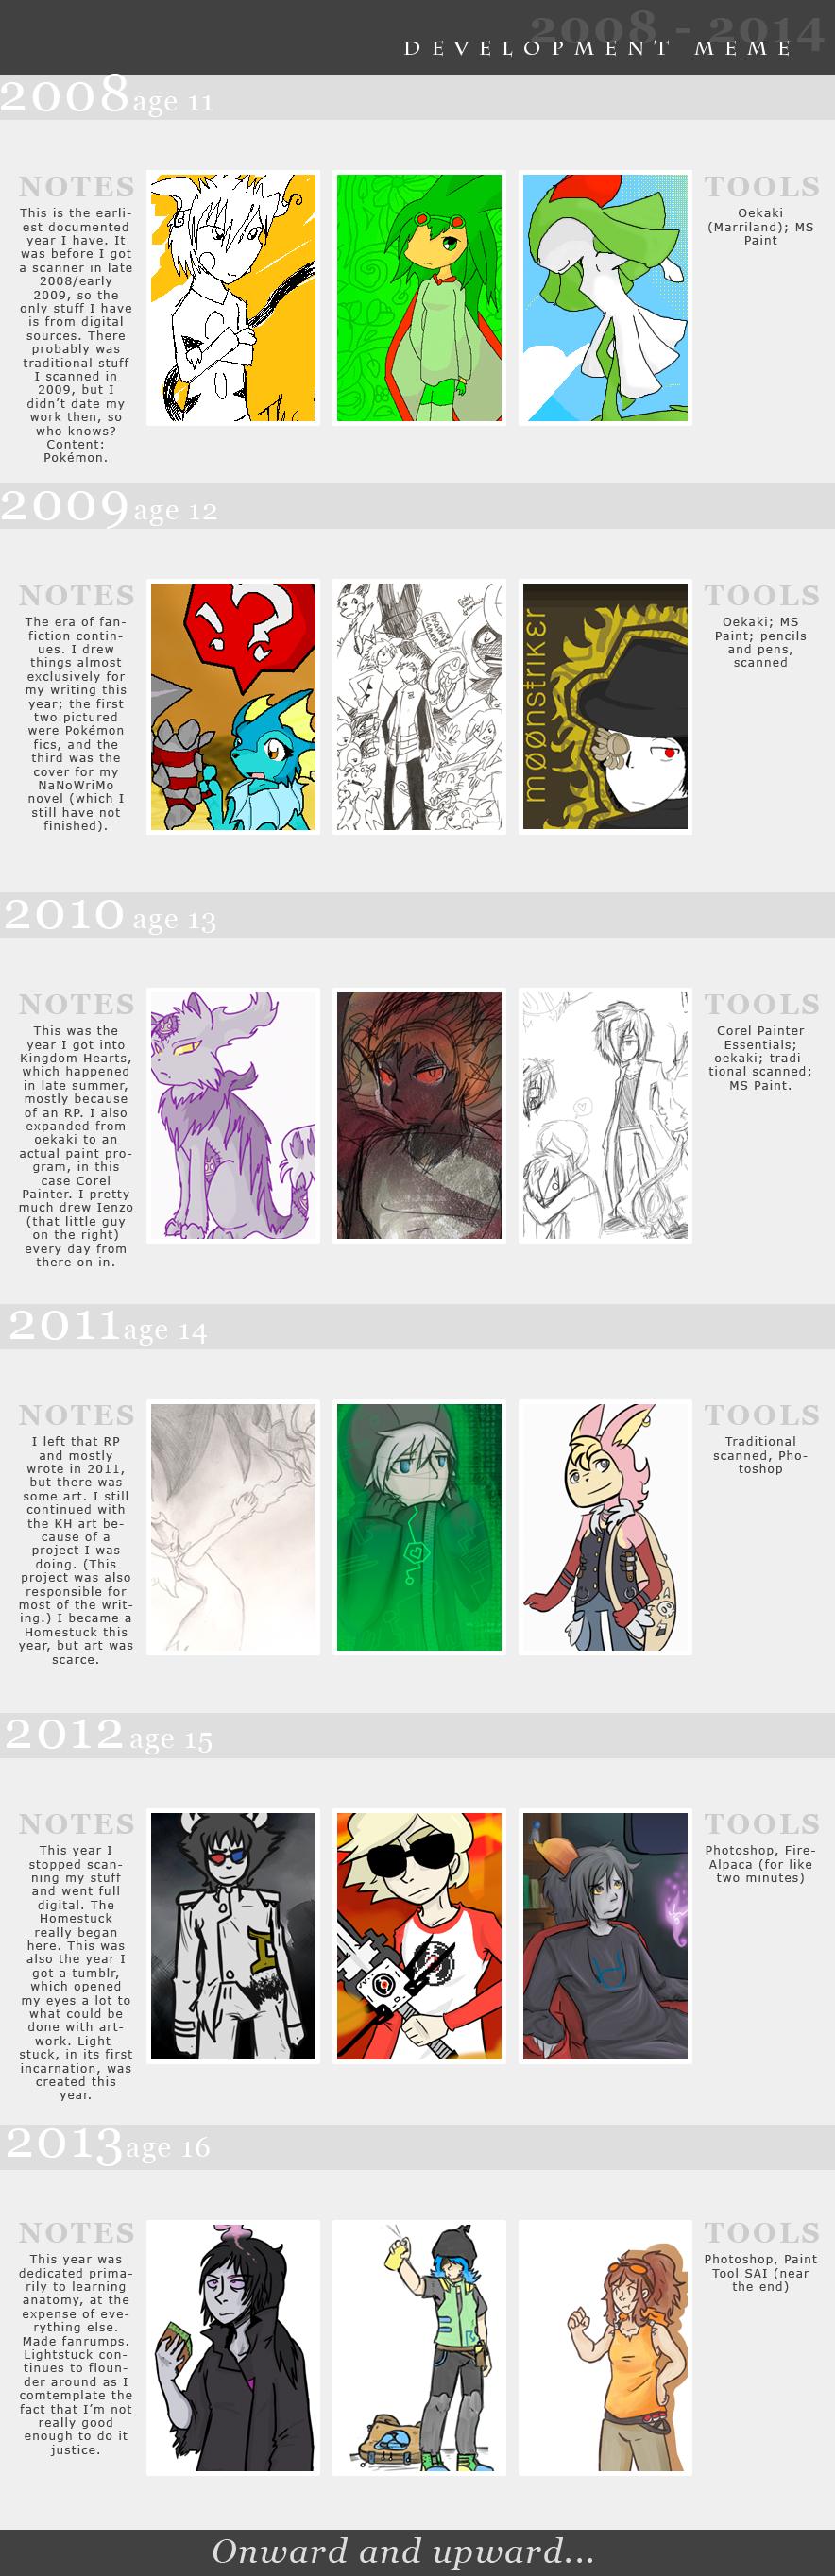 Development Meme: 2008-2013 by murkrows